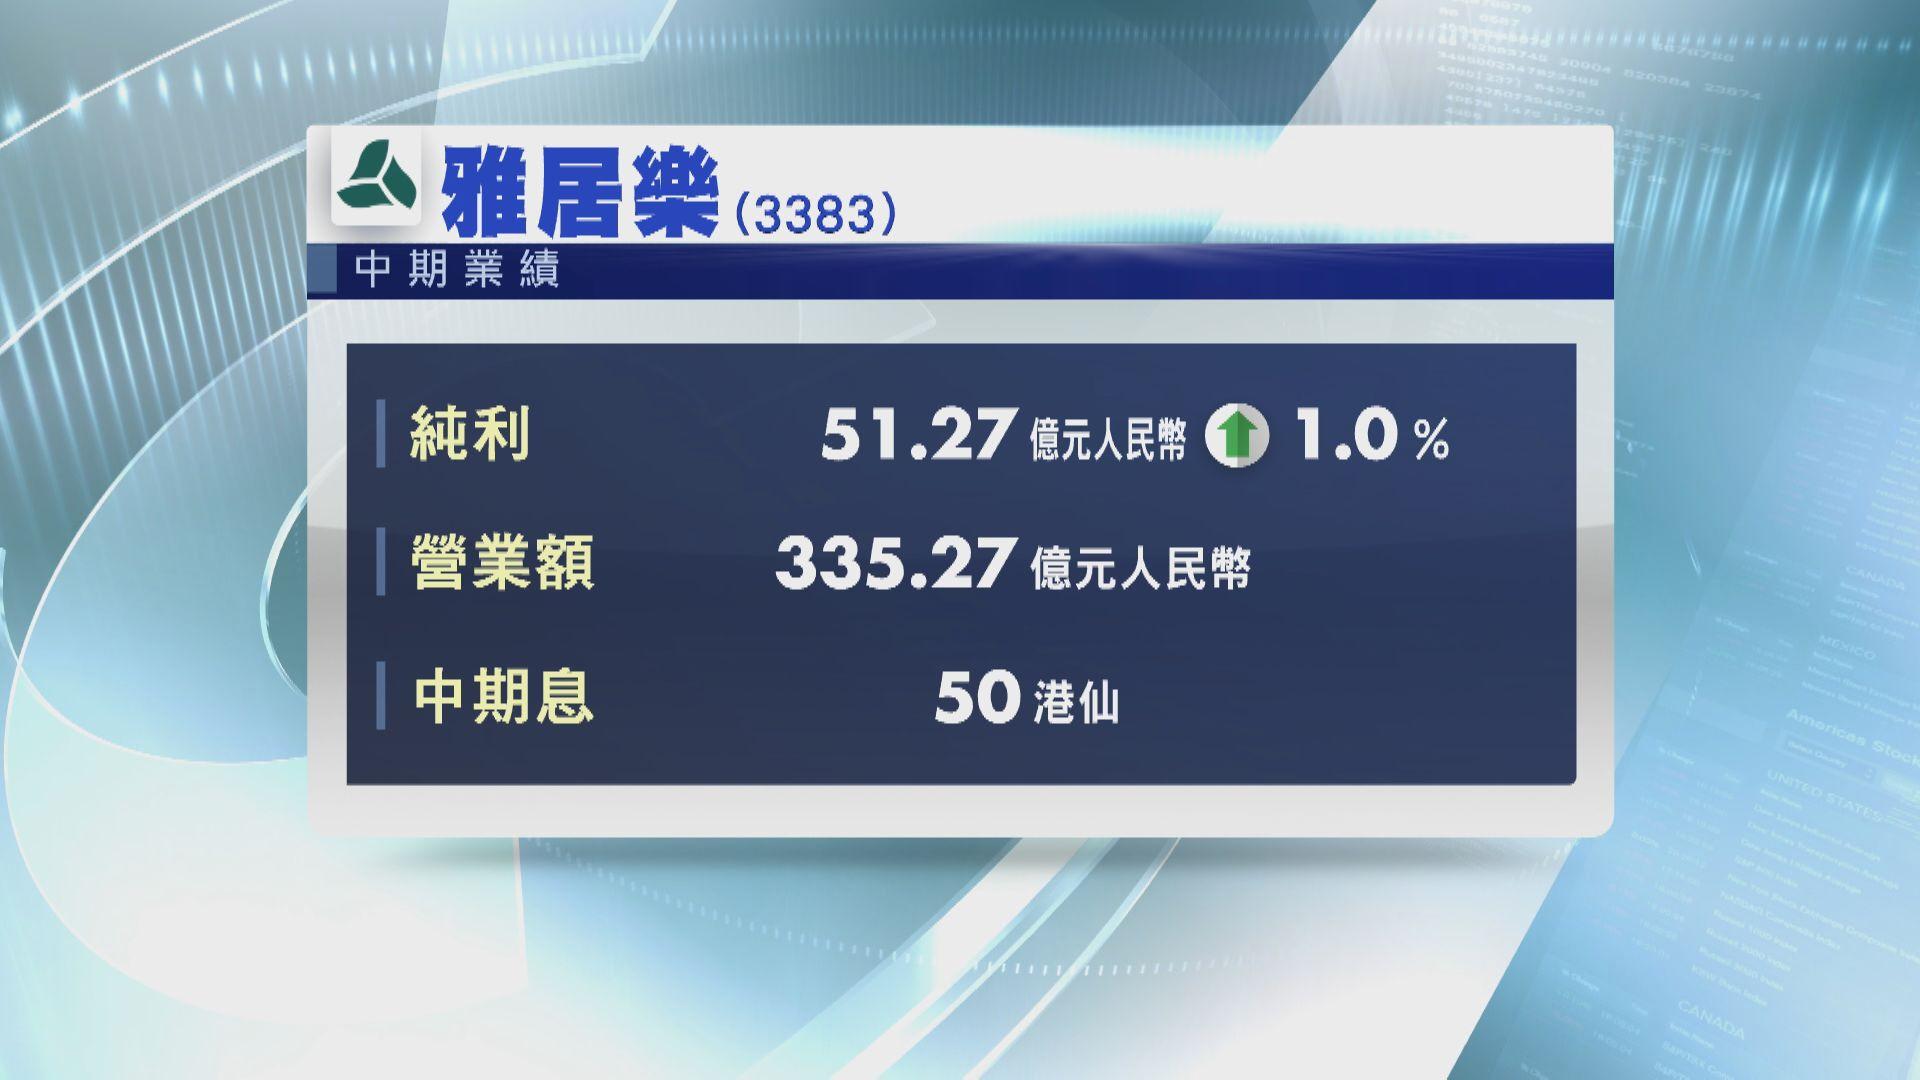 雅居樂半年多賺1% 中期息減至50仙